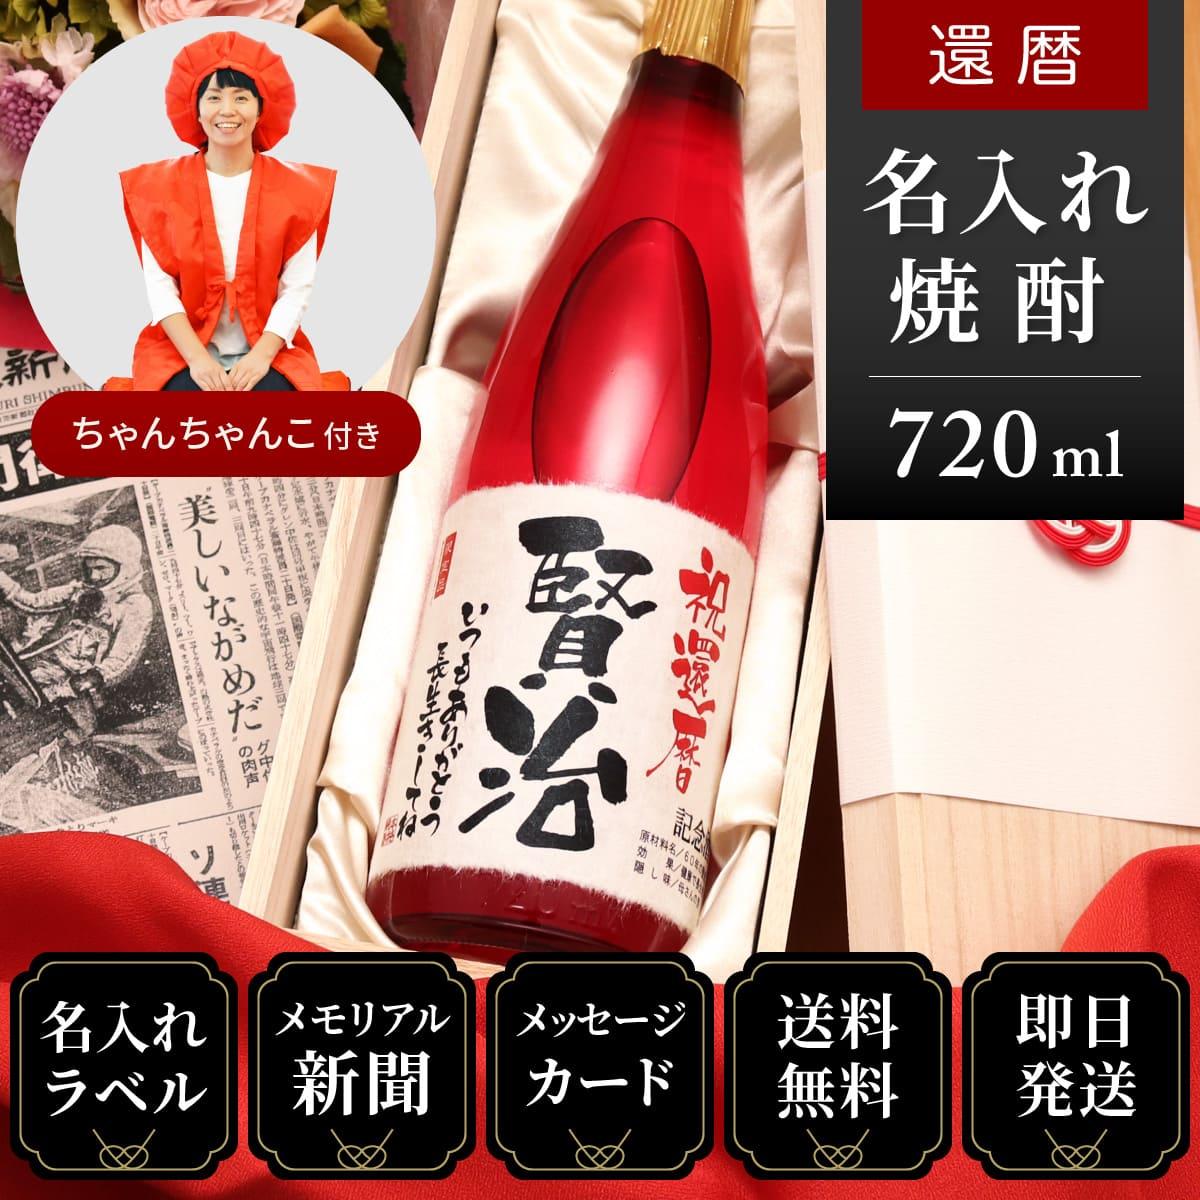 ちゃんちゃんこセット|還暦のプレゼント「華乃小町」母親向けギフト(酒粕焼酎)